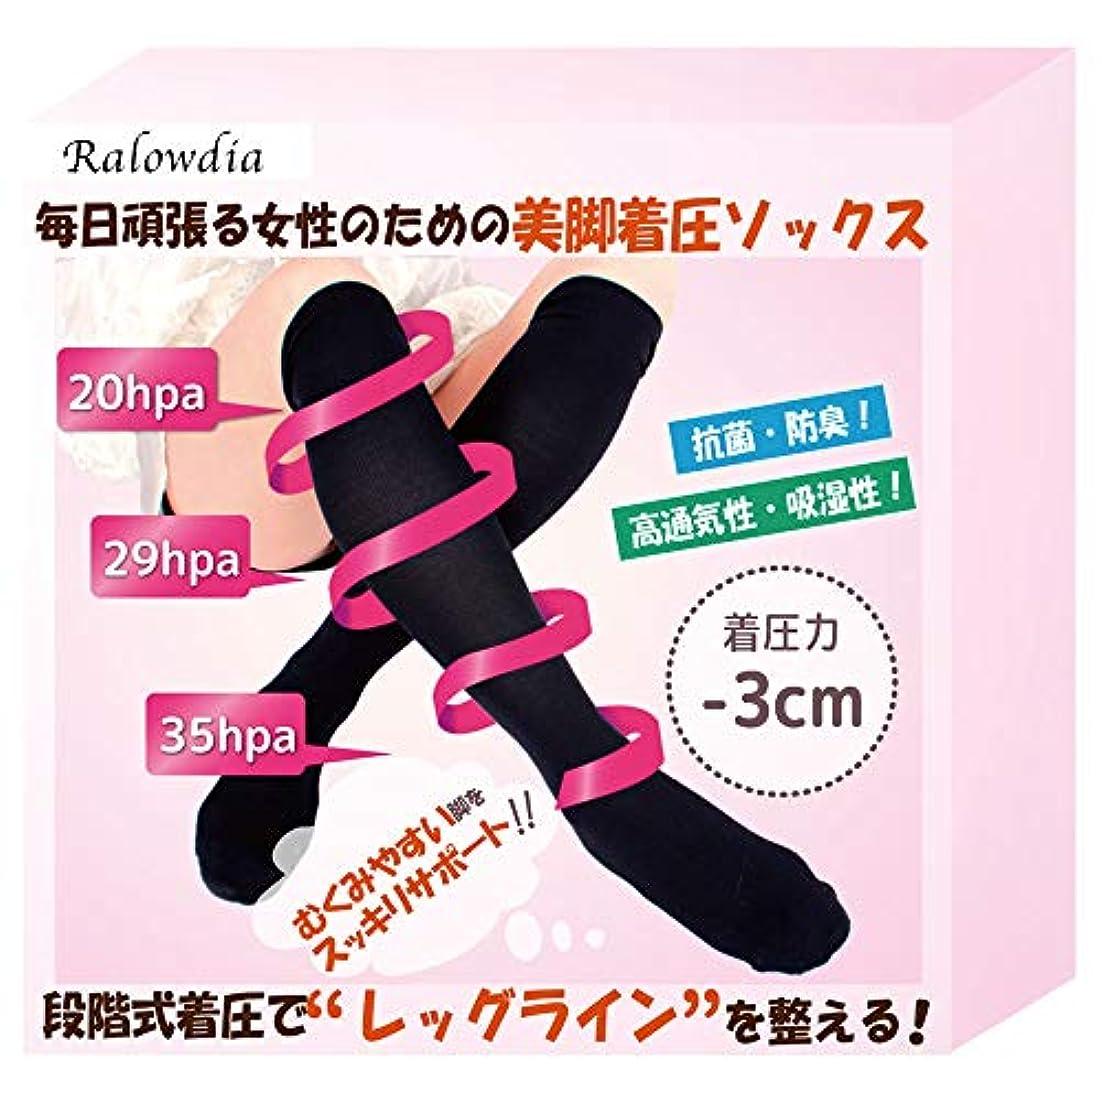 運動するマトロン関与する着圧ソックス 美脚 加圧 靴下 妊婦 むくみ リンパ フライト 就寝時に 「Ralowdia」